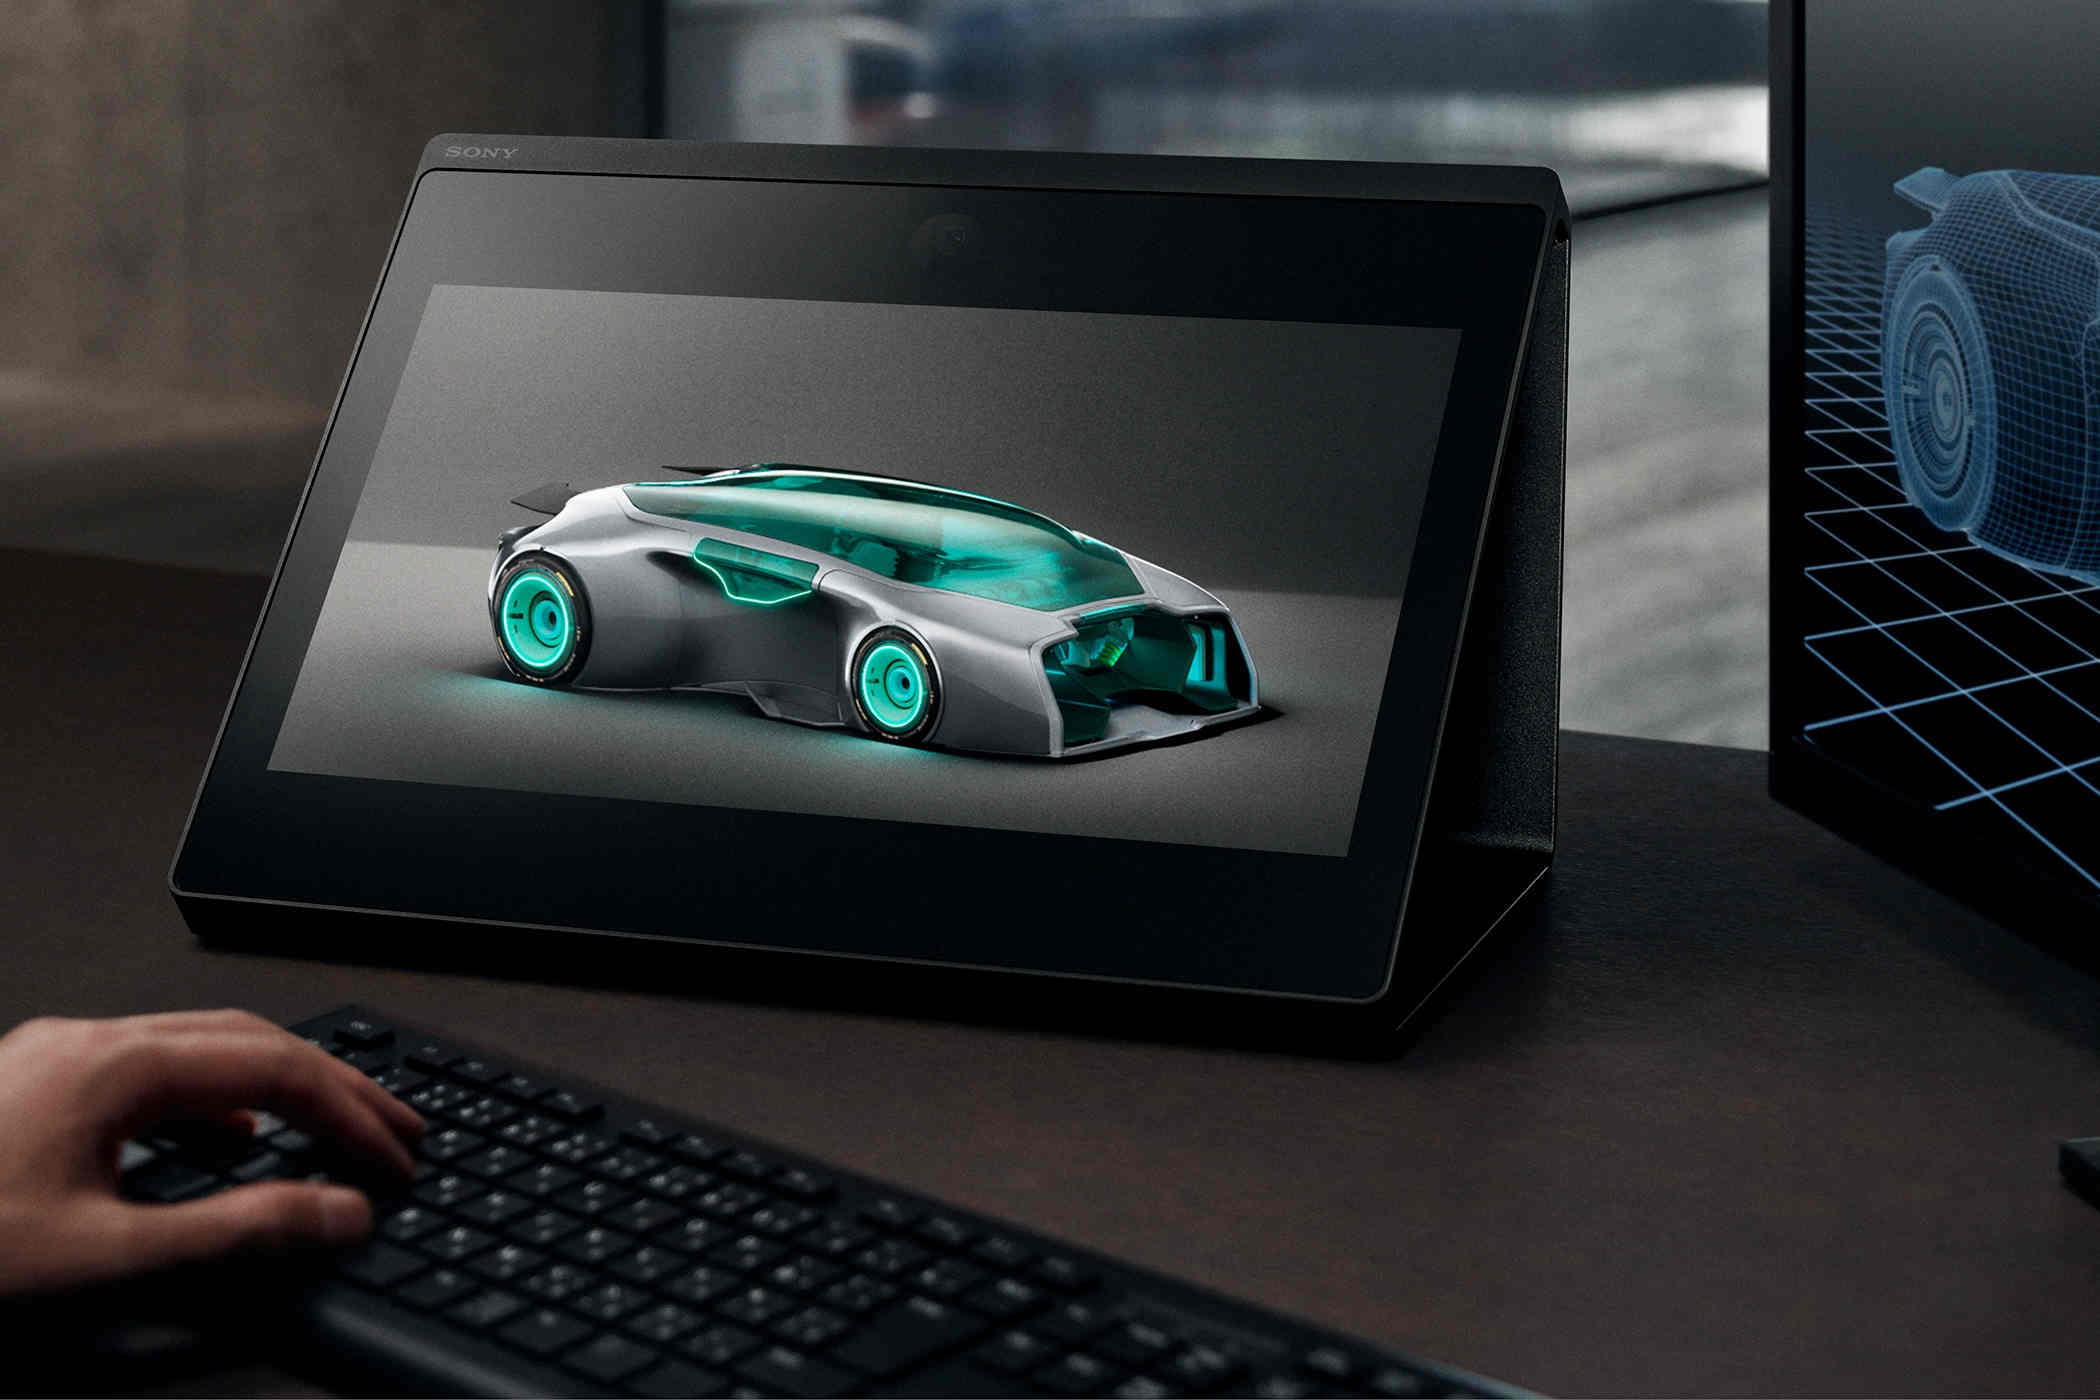 Sony ra màn hình 3D không cần kính, giá 5.000 USD, phục vụ giới kiến trúc sư, nhà thiết kế